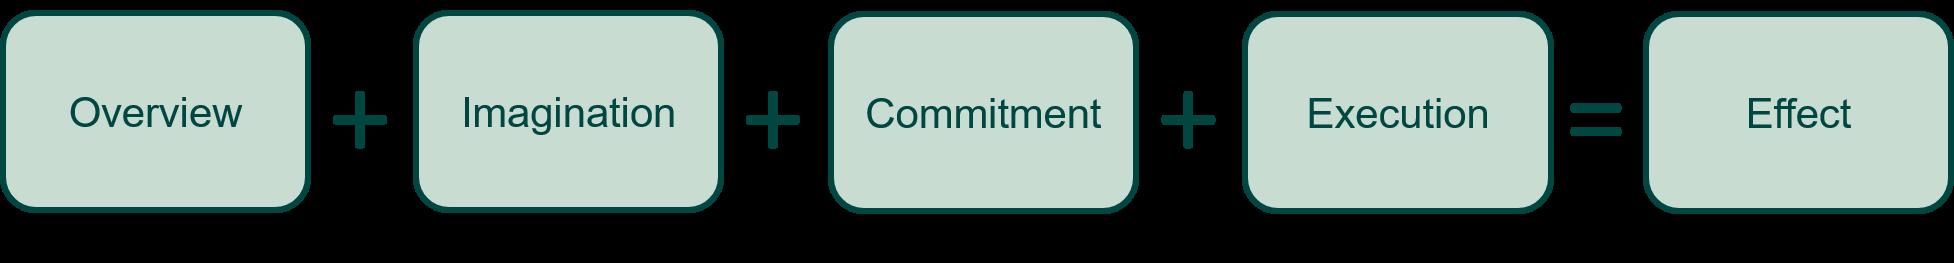 Engagement, eksekvering er lig effekt vers. 2